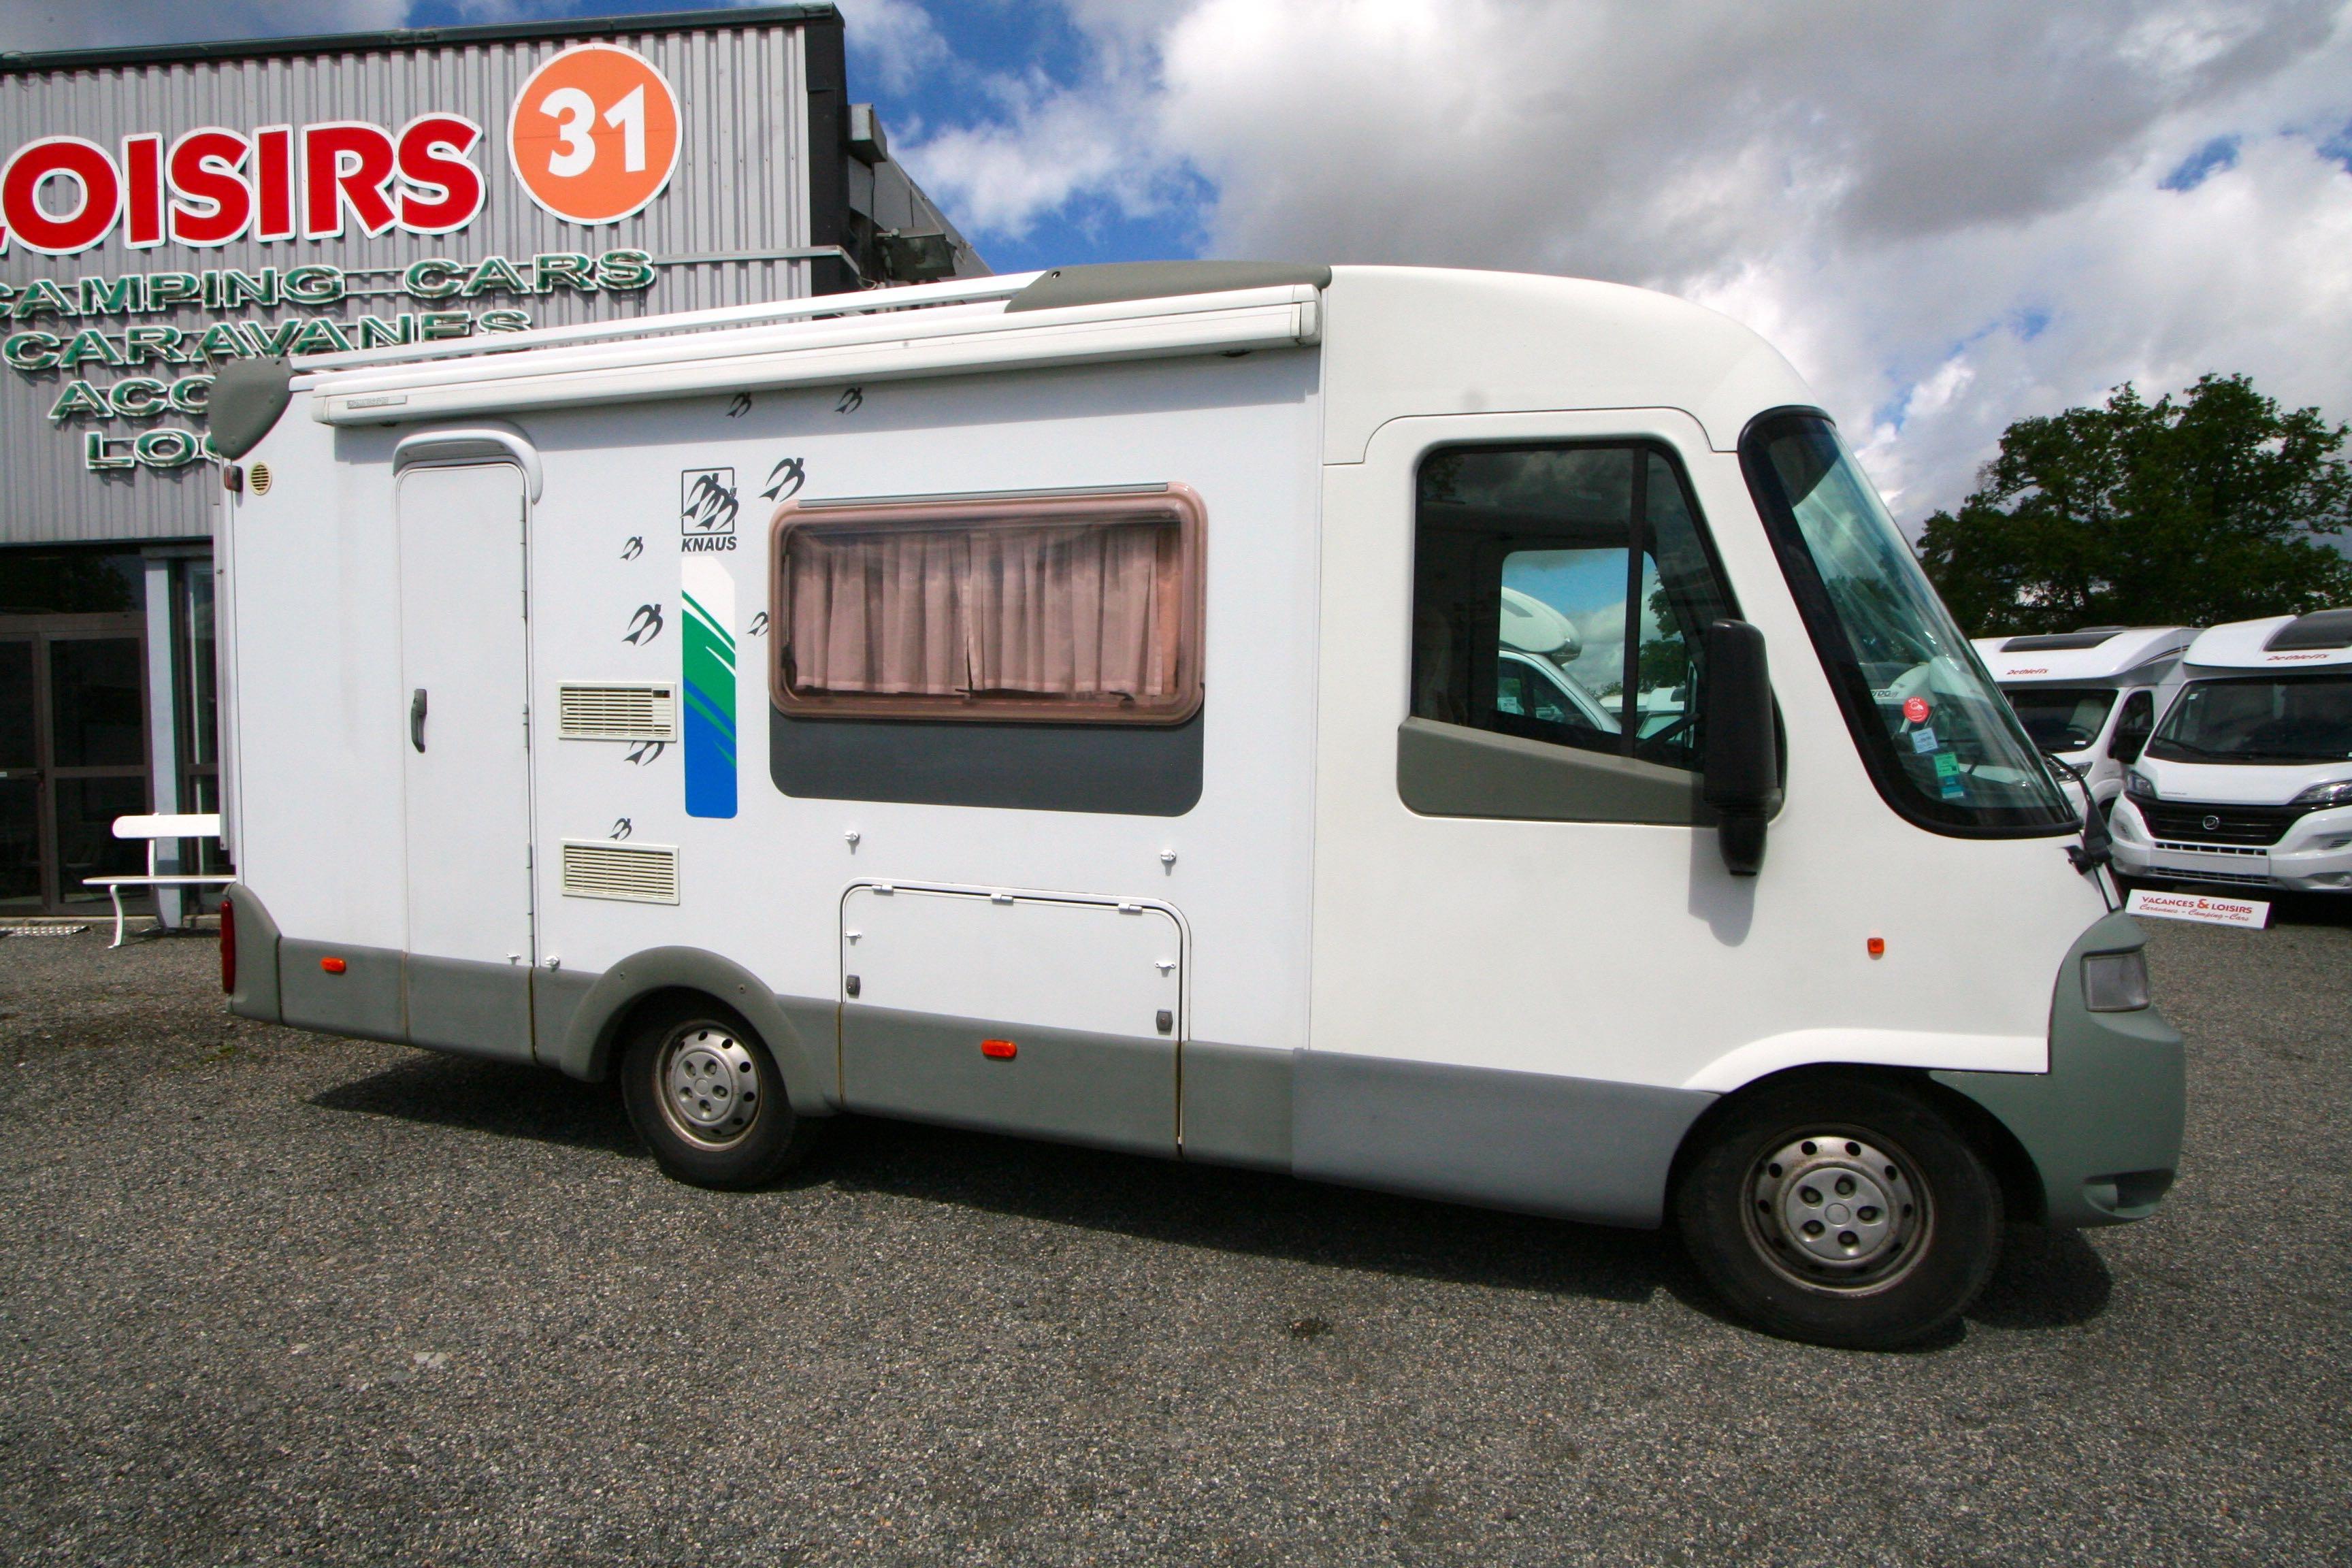 knaus starline 608l occasion fiat camping car en vente roques sur garonne haute garonne 31. Black Bedroom Furniture Sets. Home Design Ideas